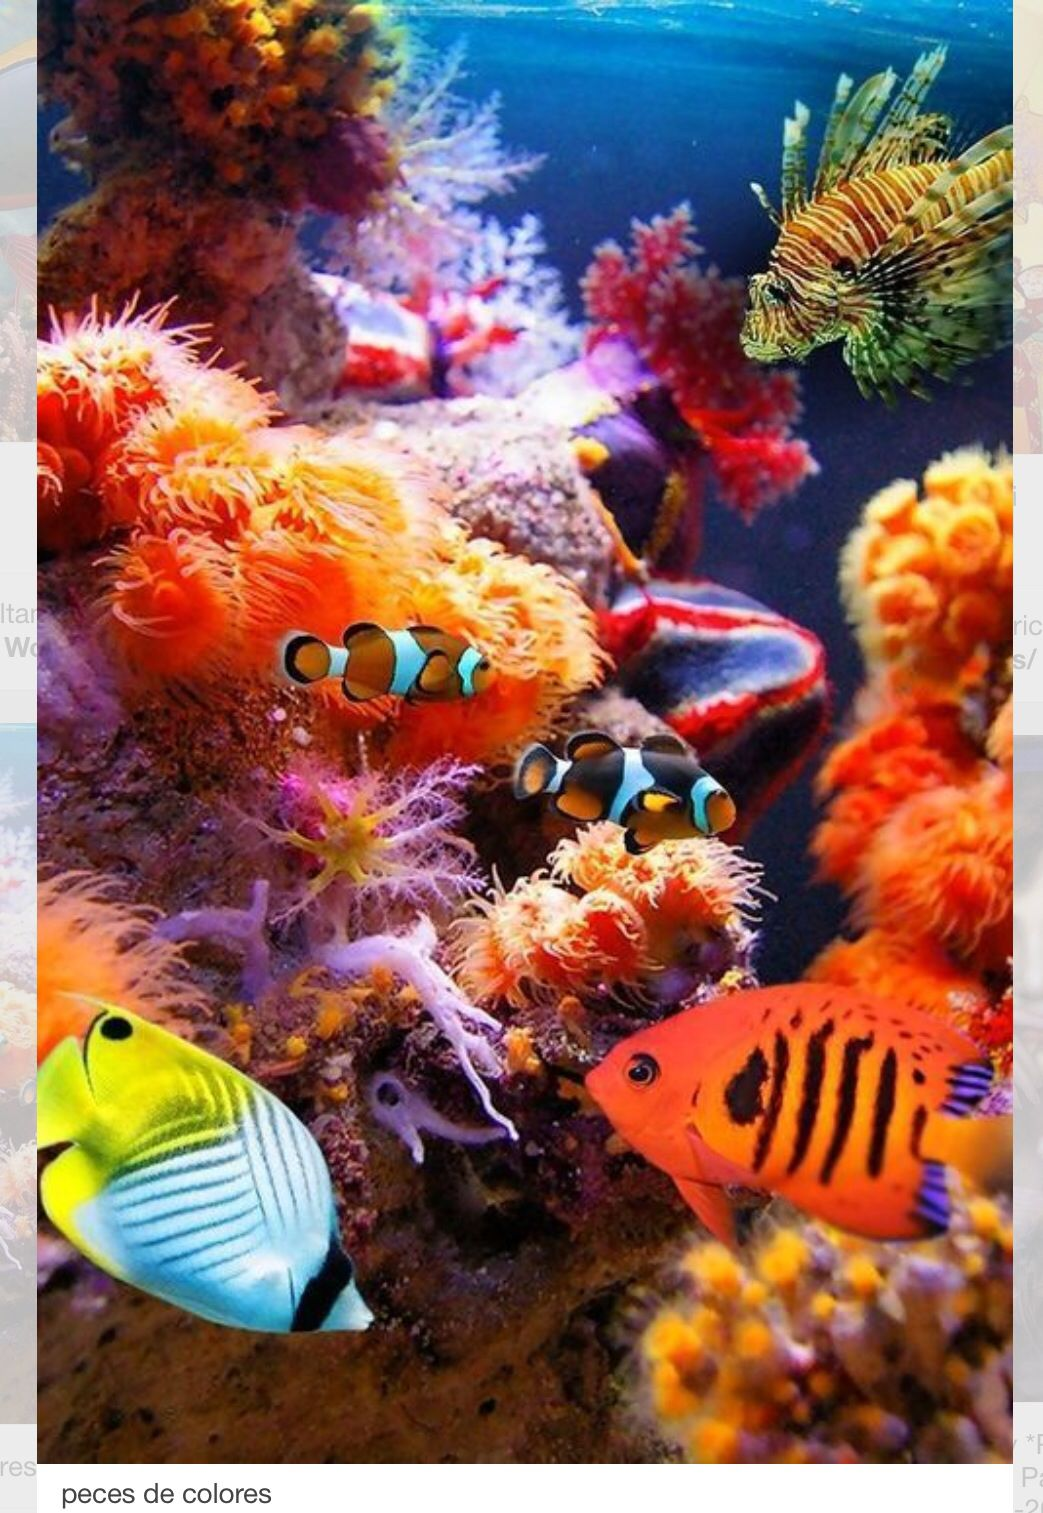 Sinfonía de colores en el mar   SIRENAS!   Pinterest